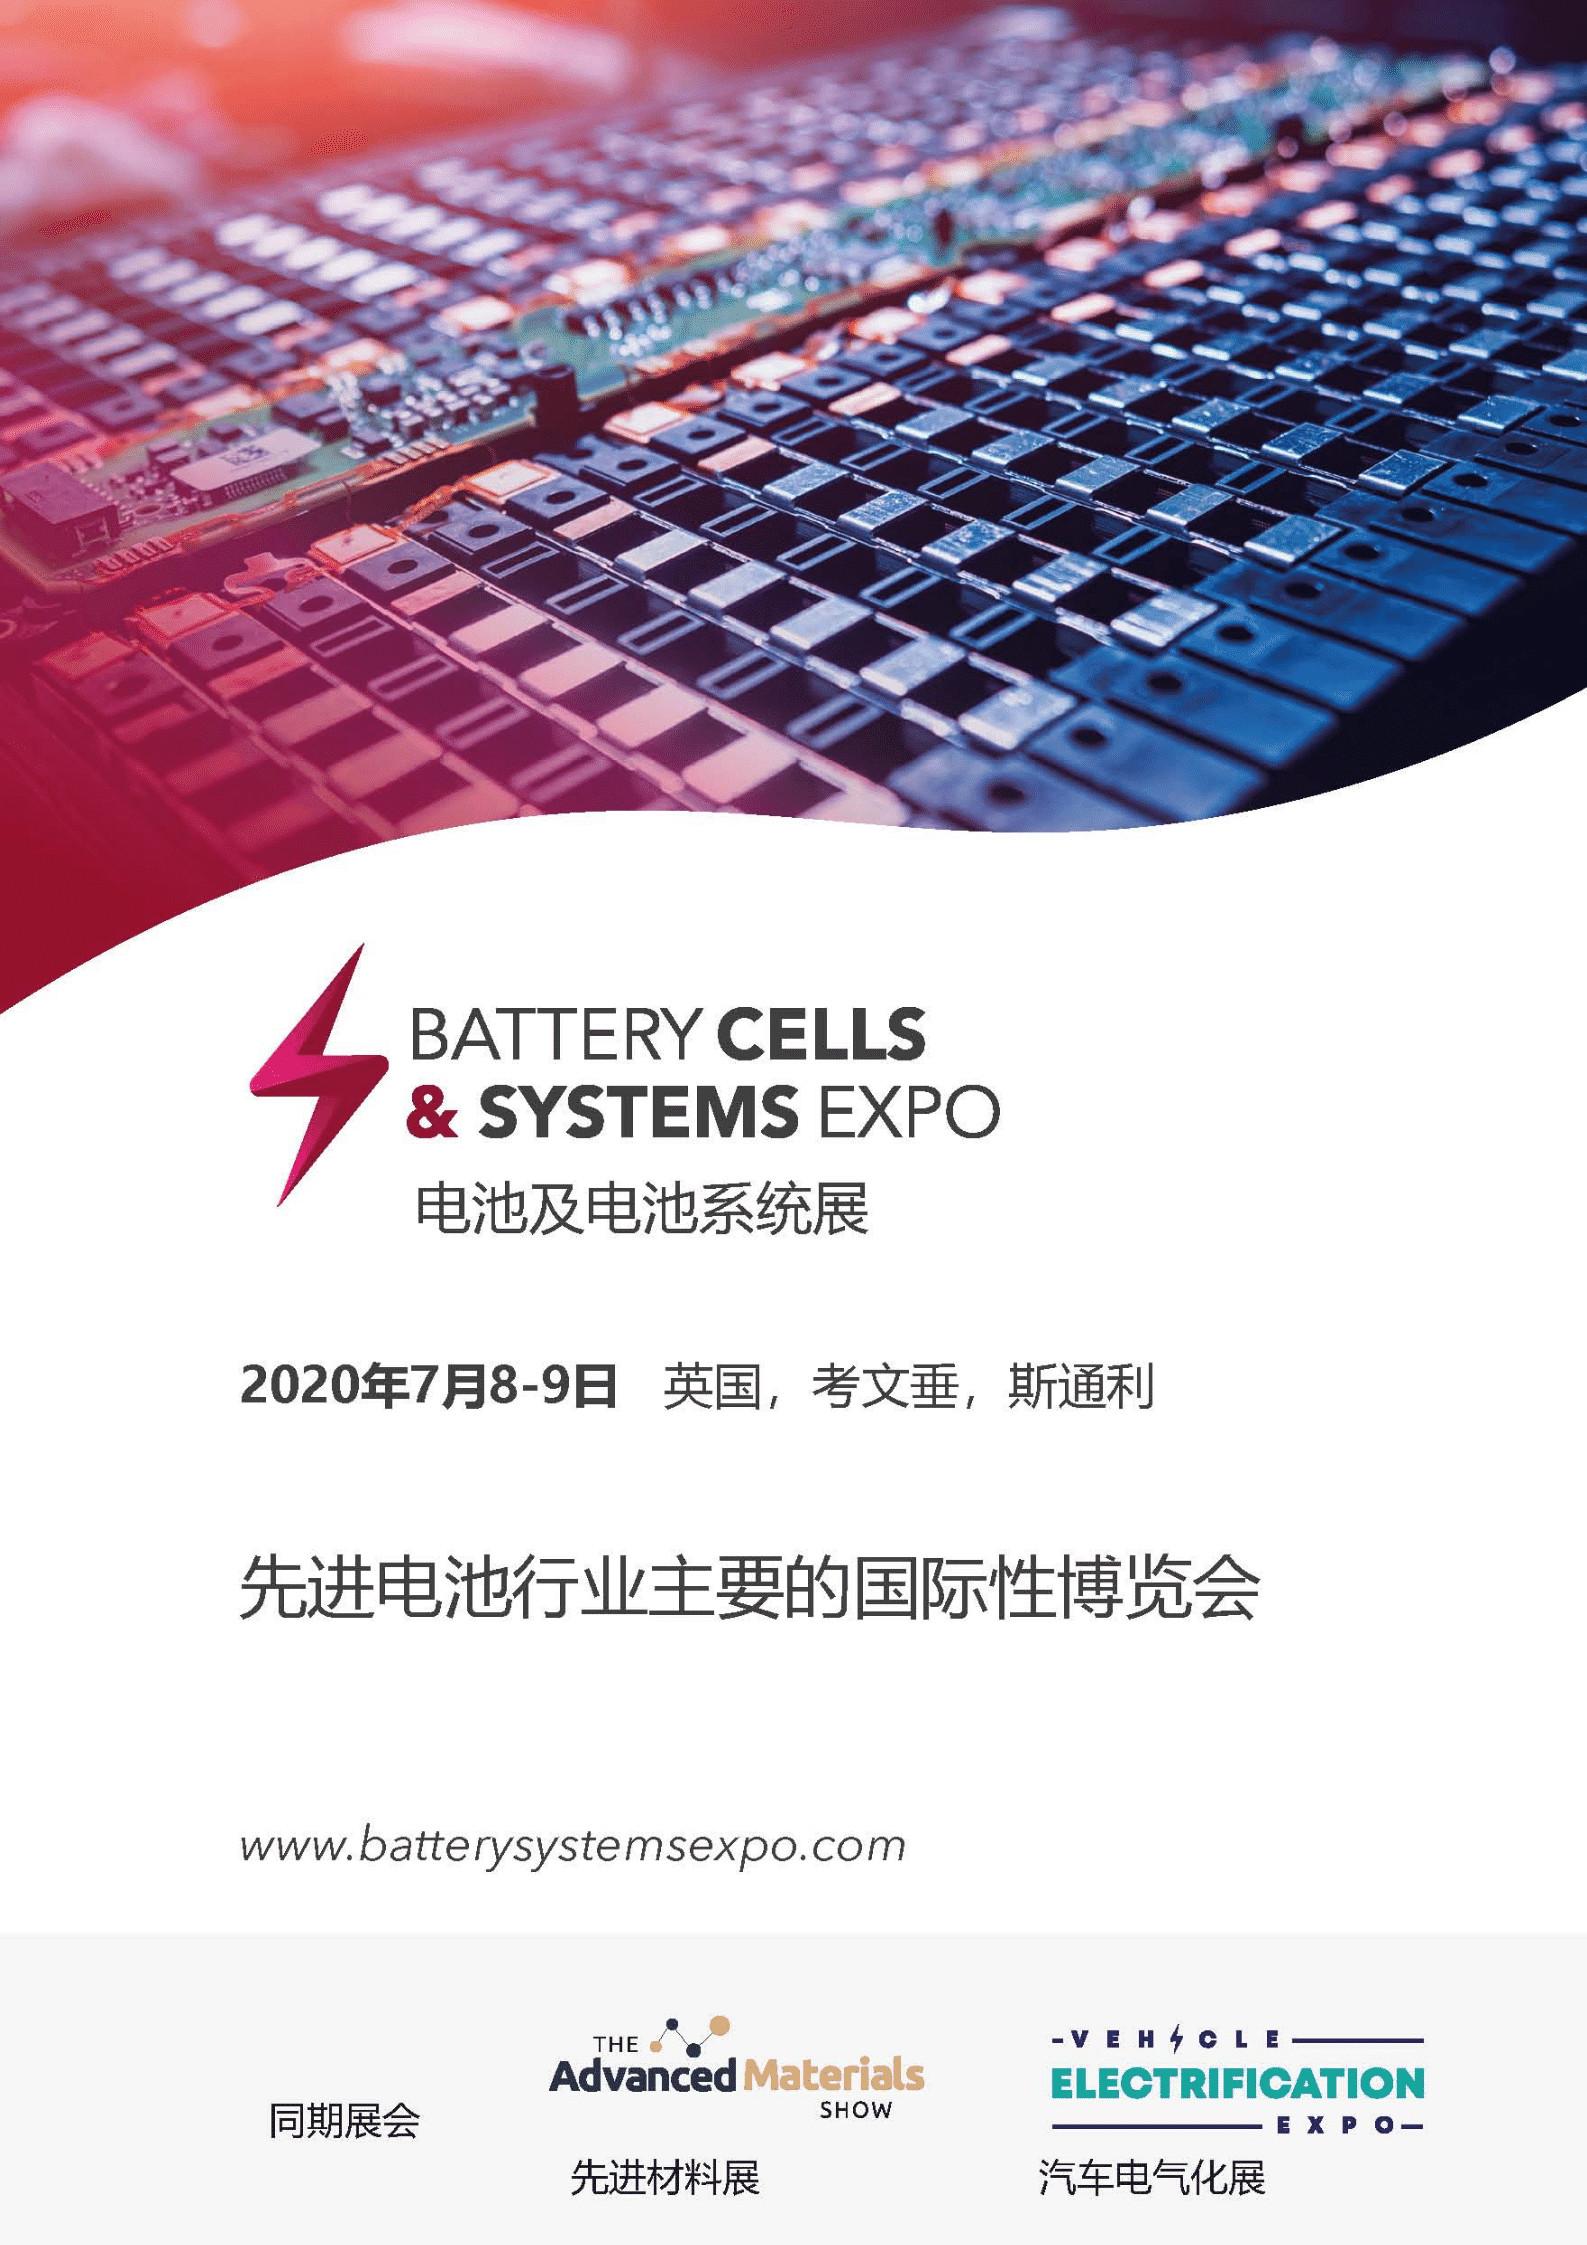 「展会介绍」2020年英国电池及电池系统展